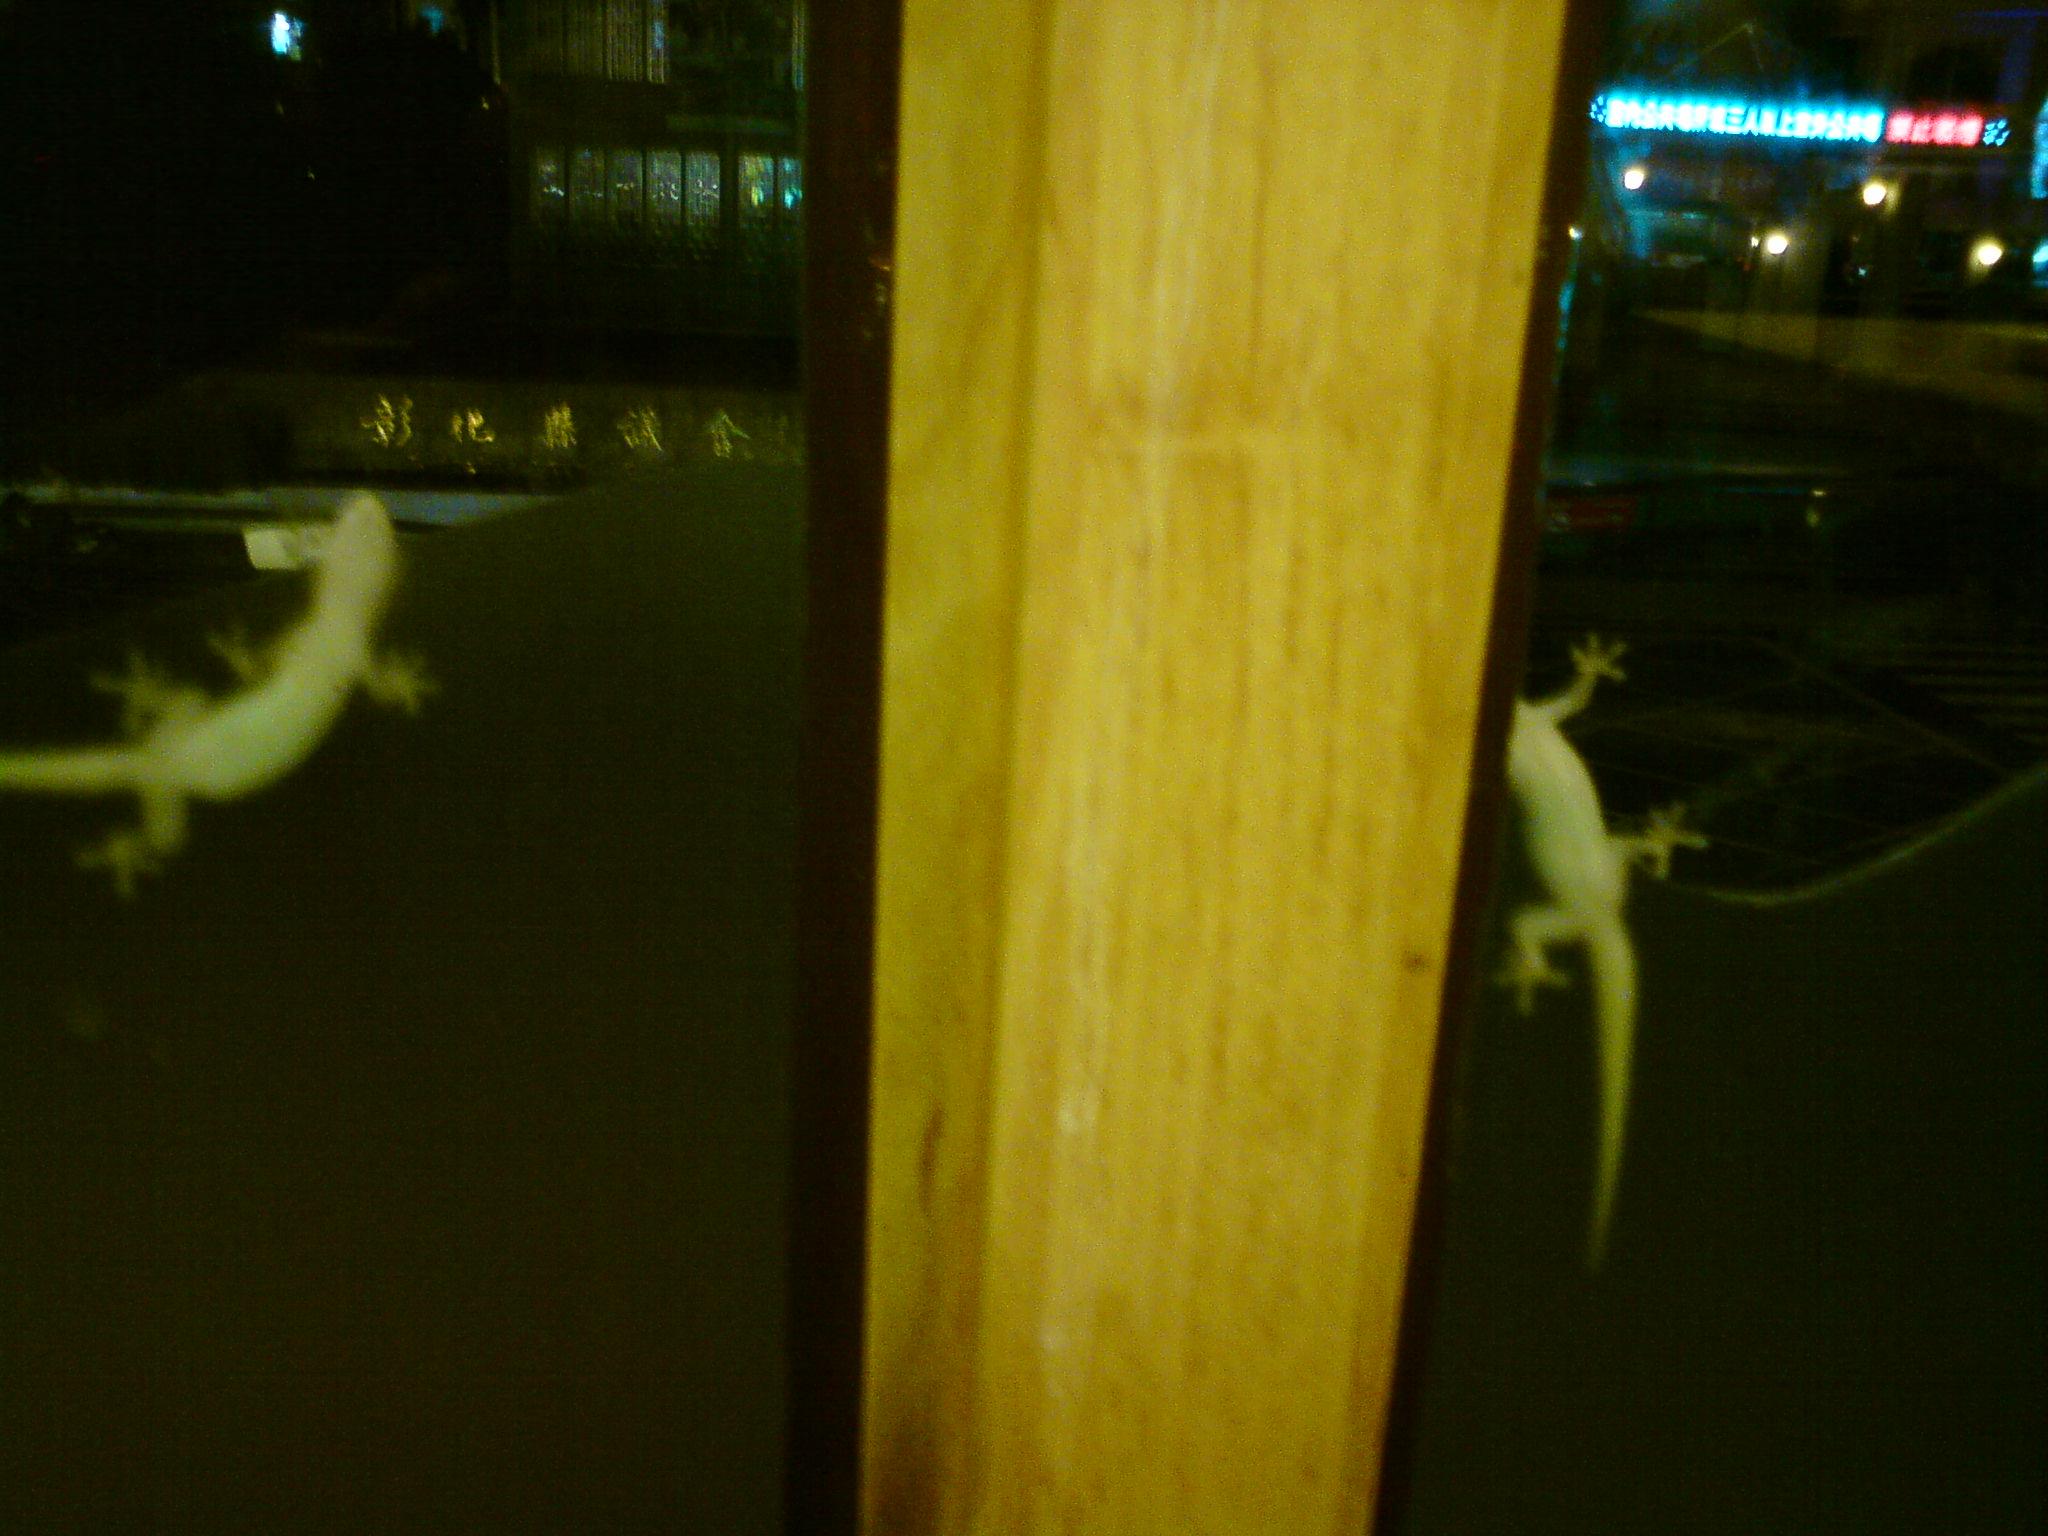 二階窗外的二隻壁虎